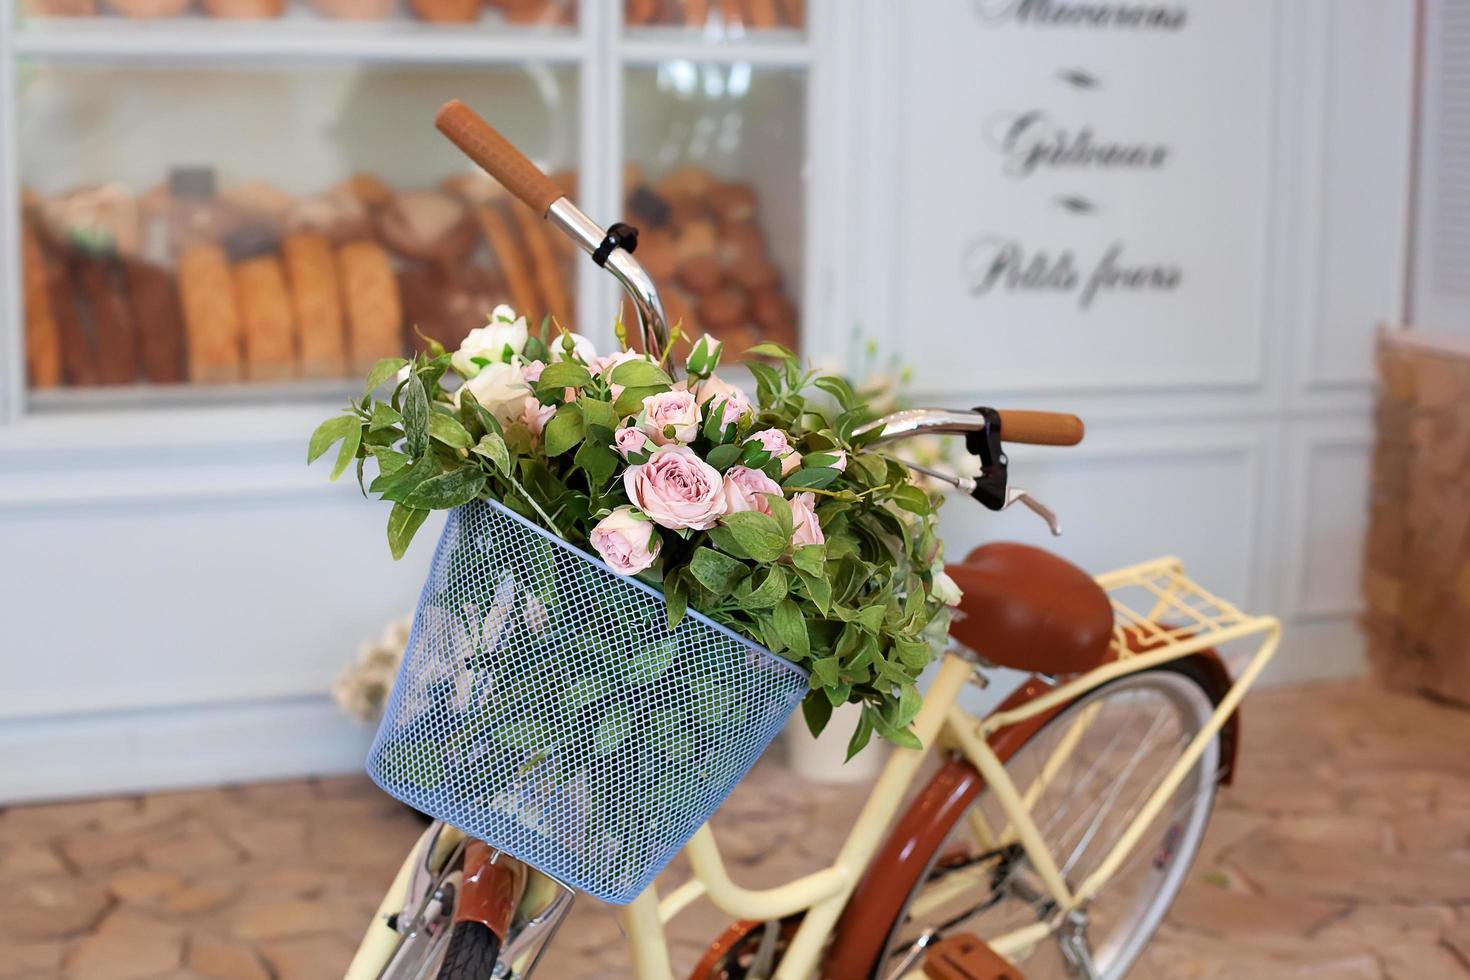 bicicletta con un cesto di vimini vintage con rose foto